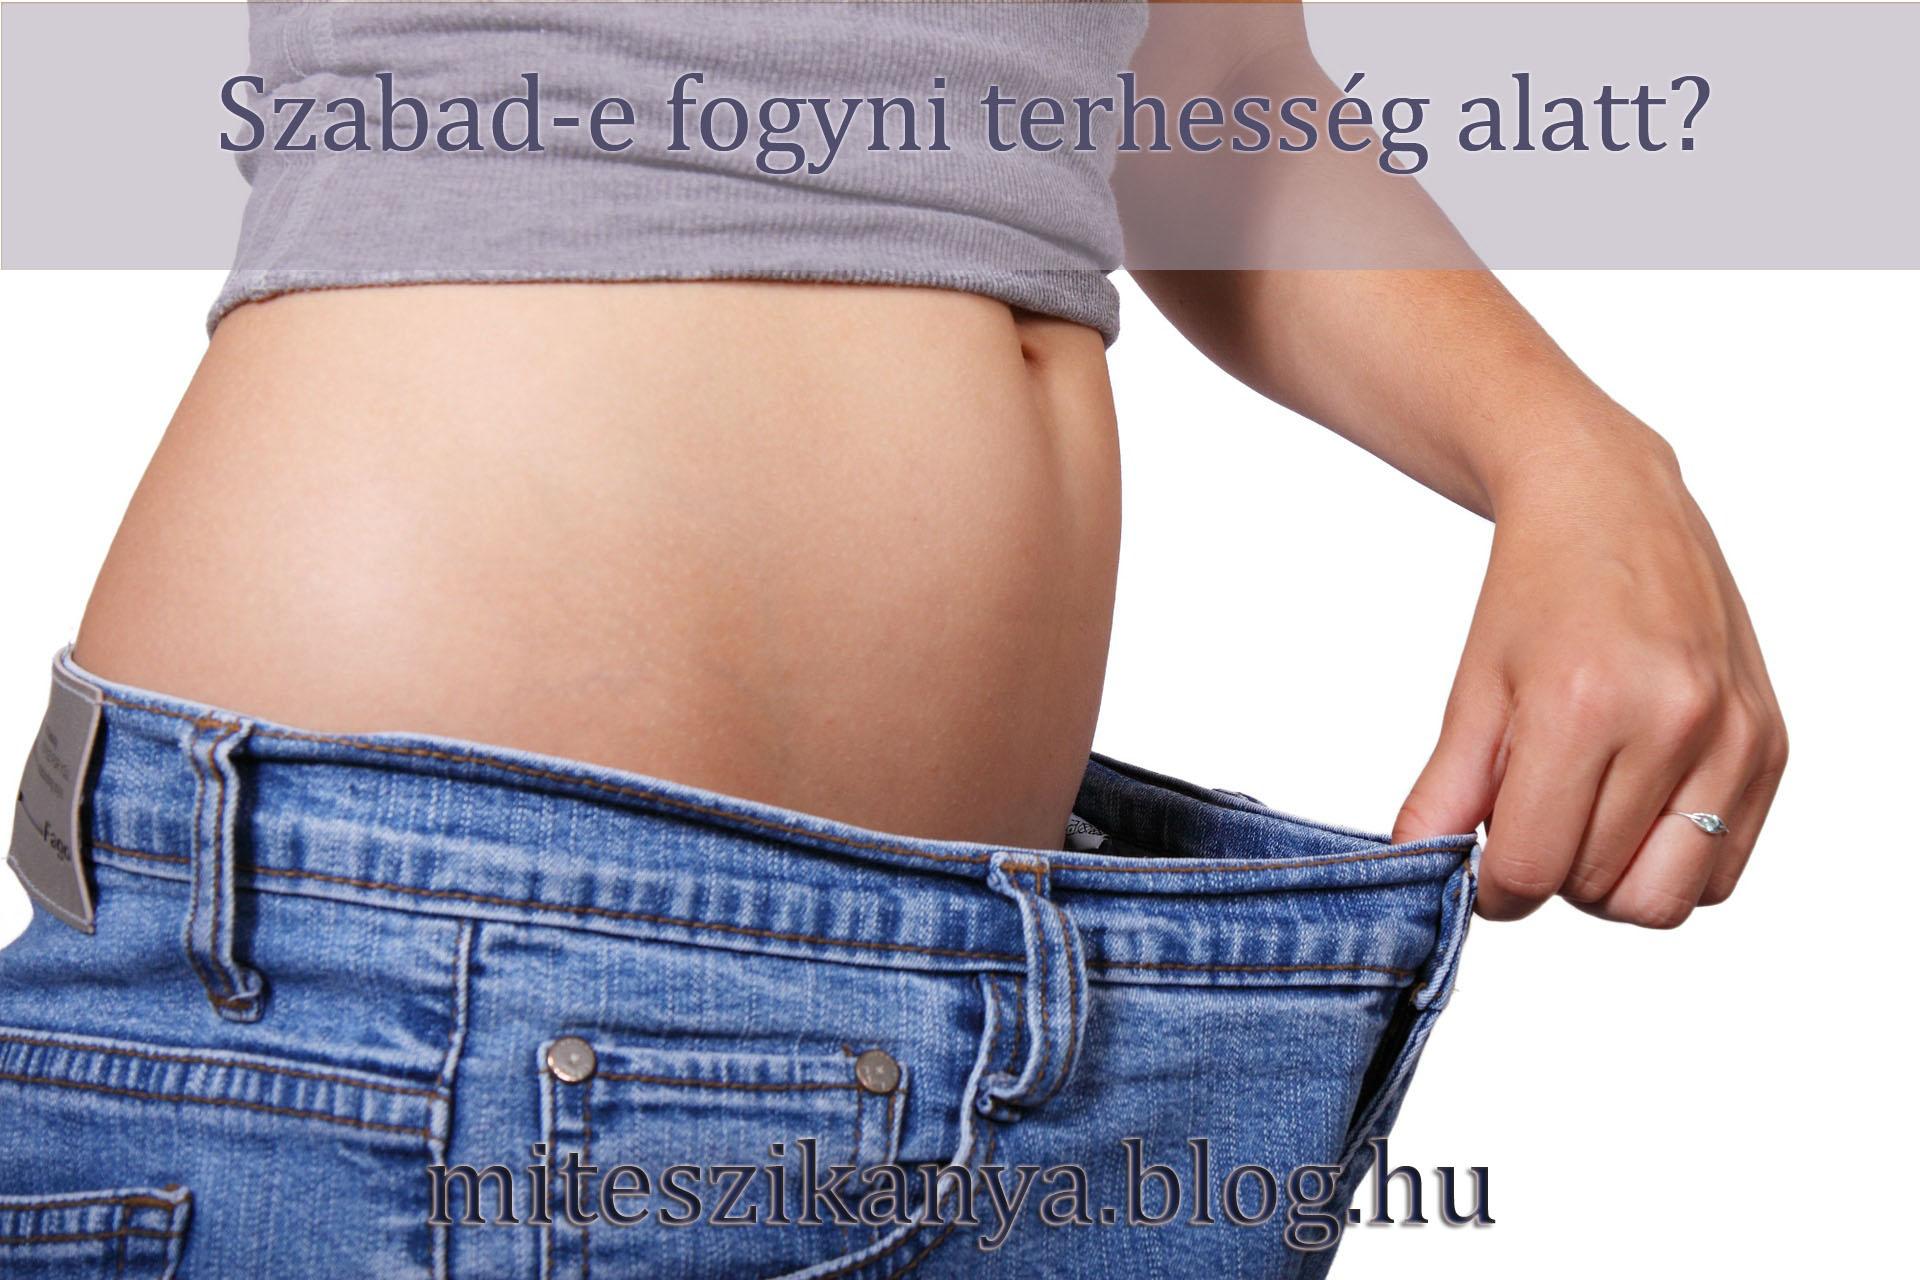 hogyan lehet elveszíteni a testzsírt a csípőn minden természetes gyógymód a fogyáshoz